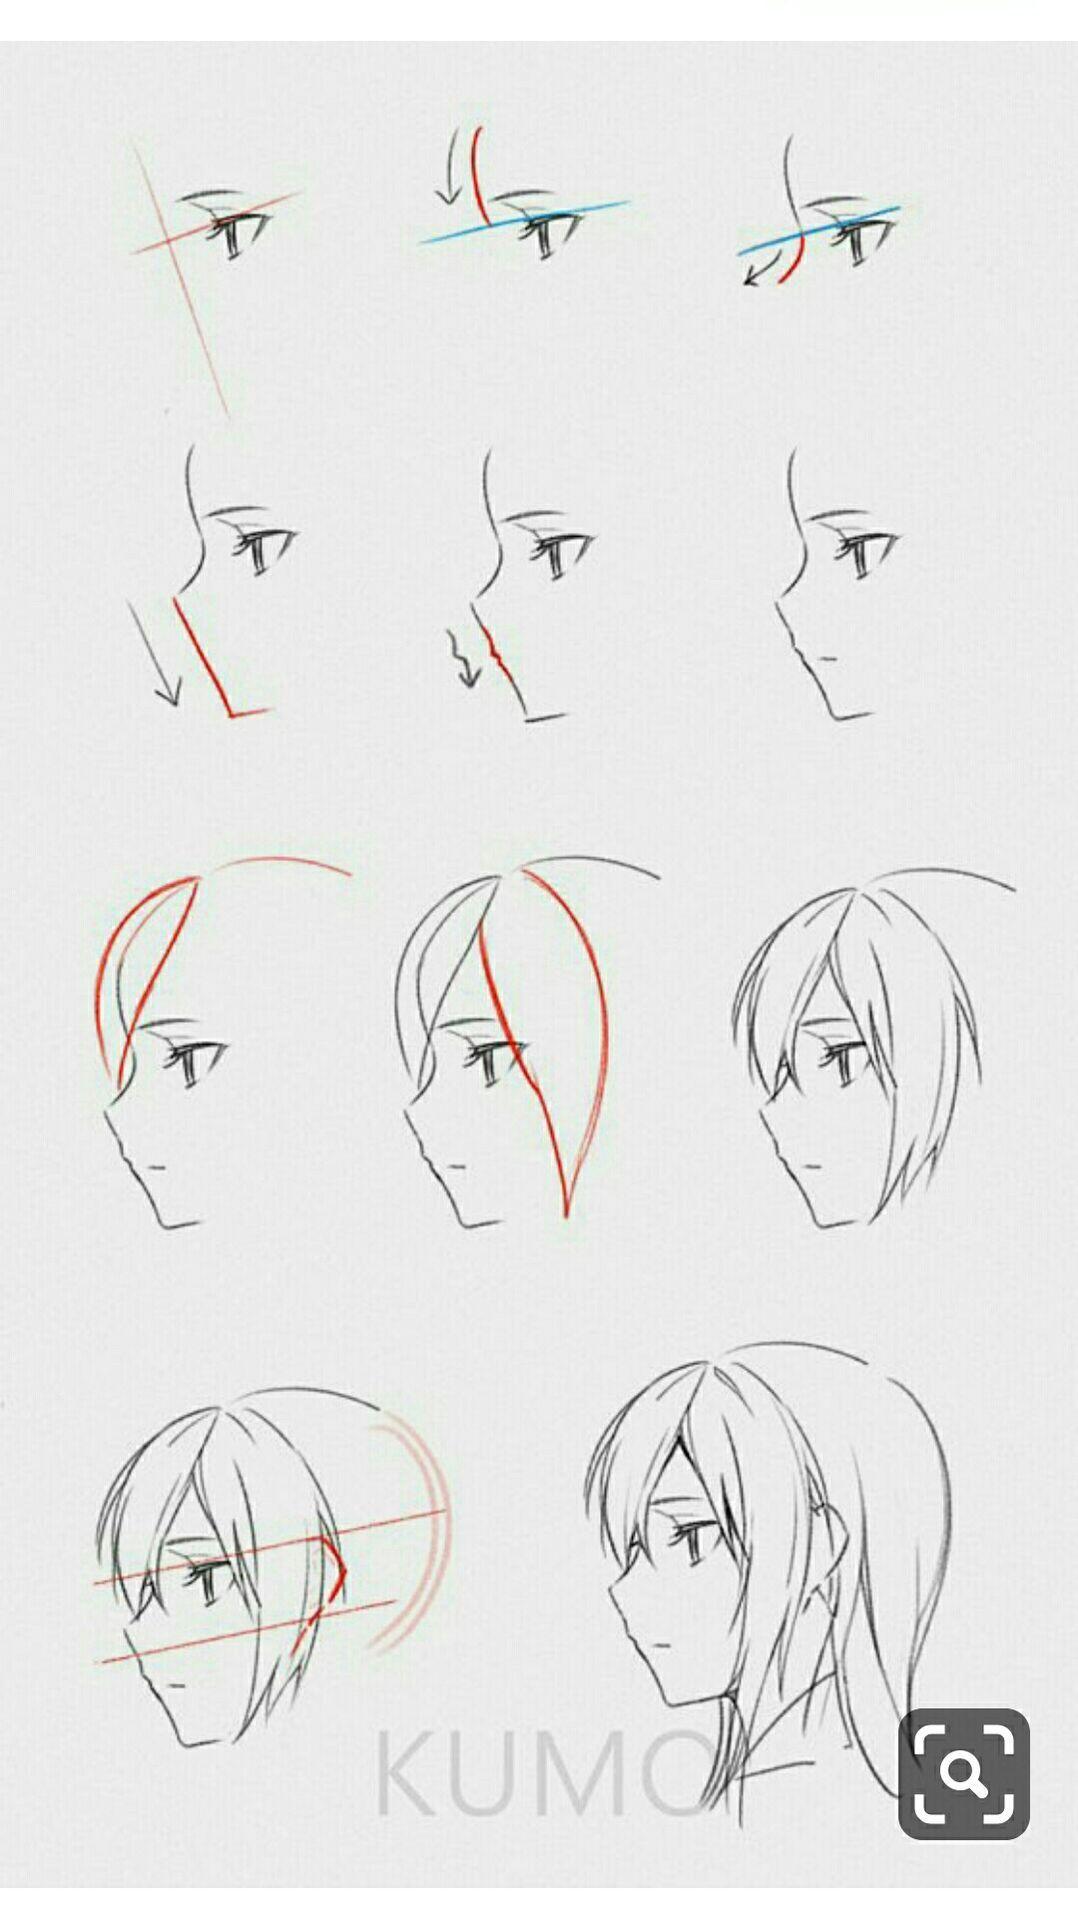 خطوات لتعلم الرسم